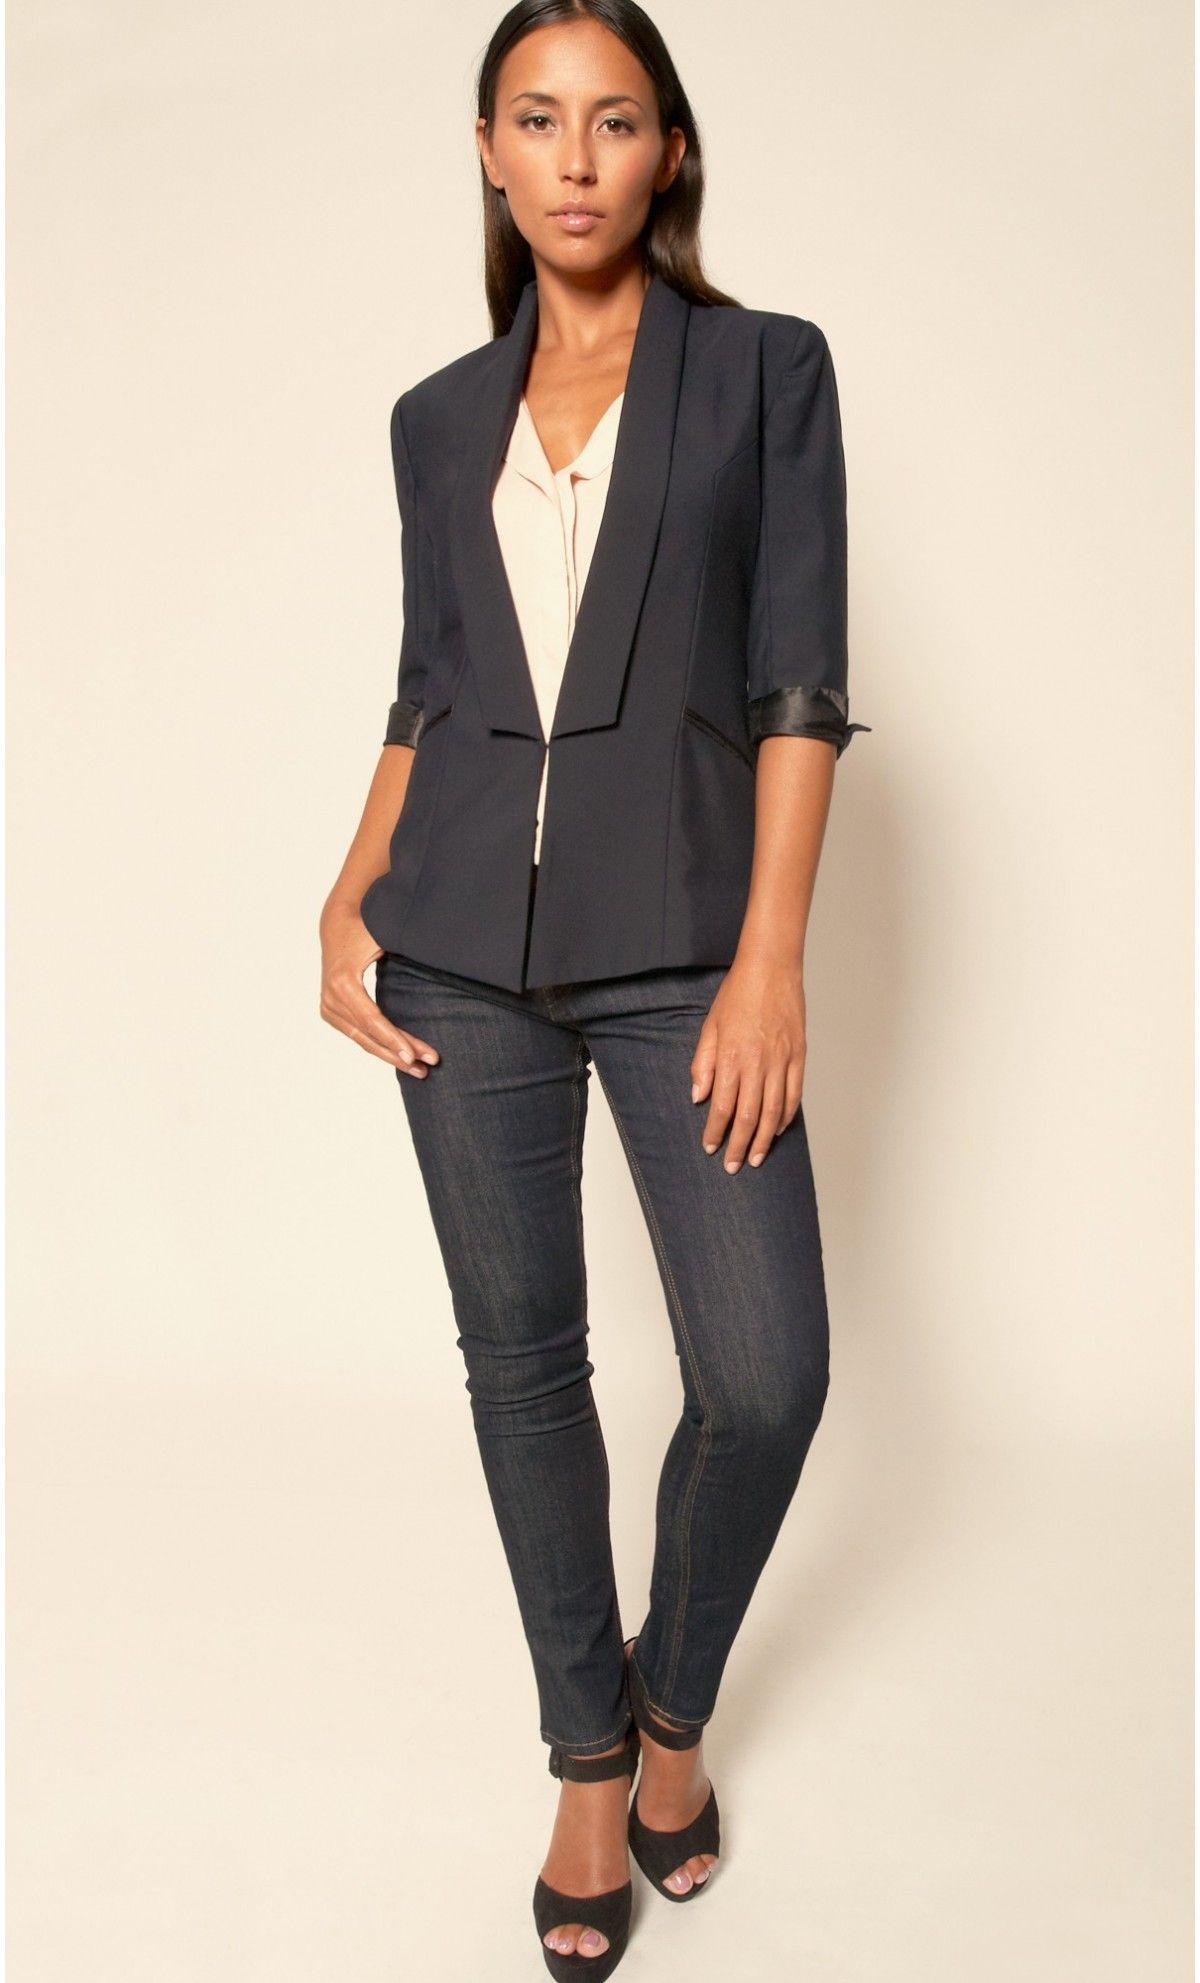 veste-tailleur-femme-laine.jpg 1200×1983 pixels